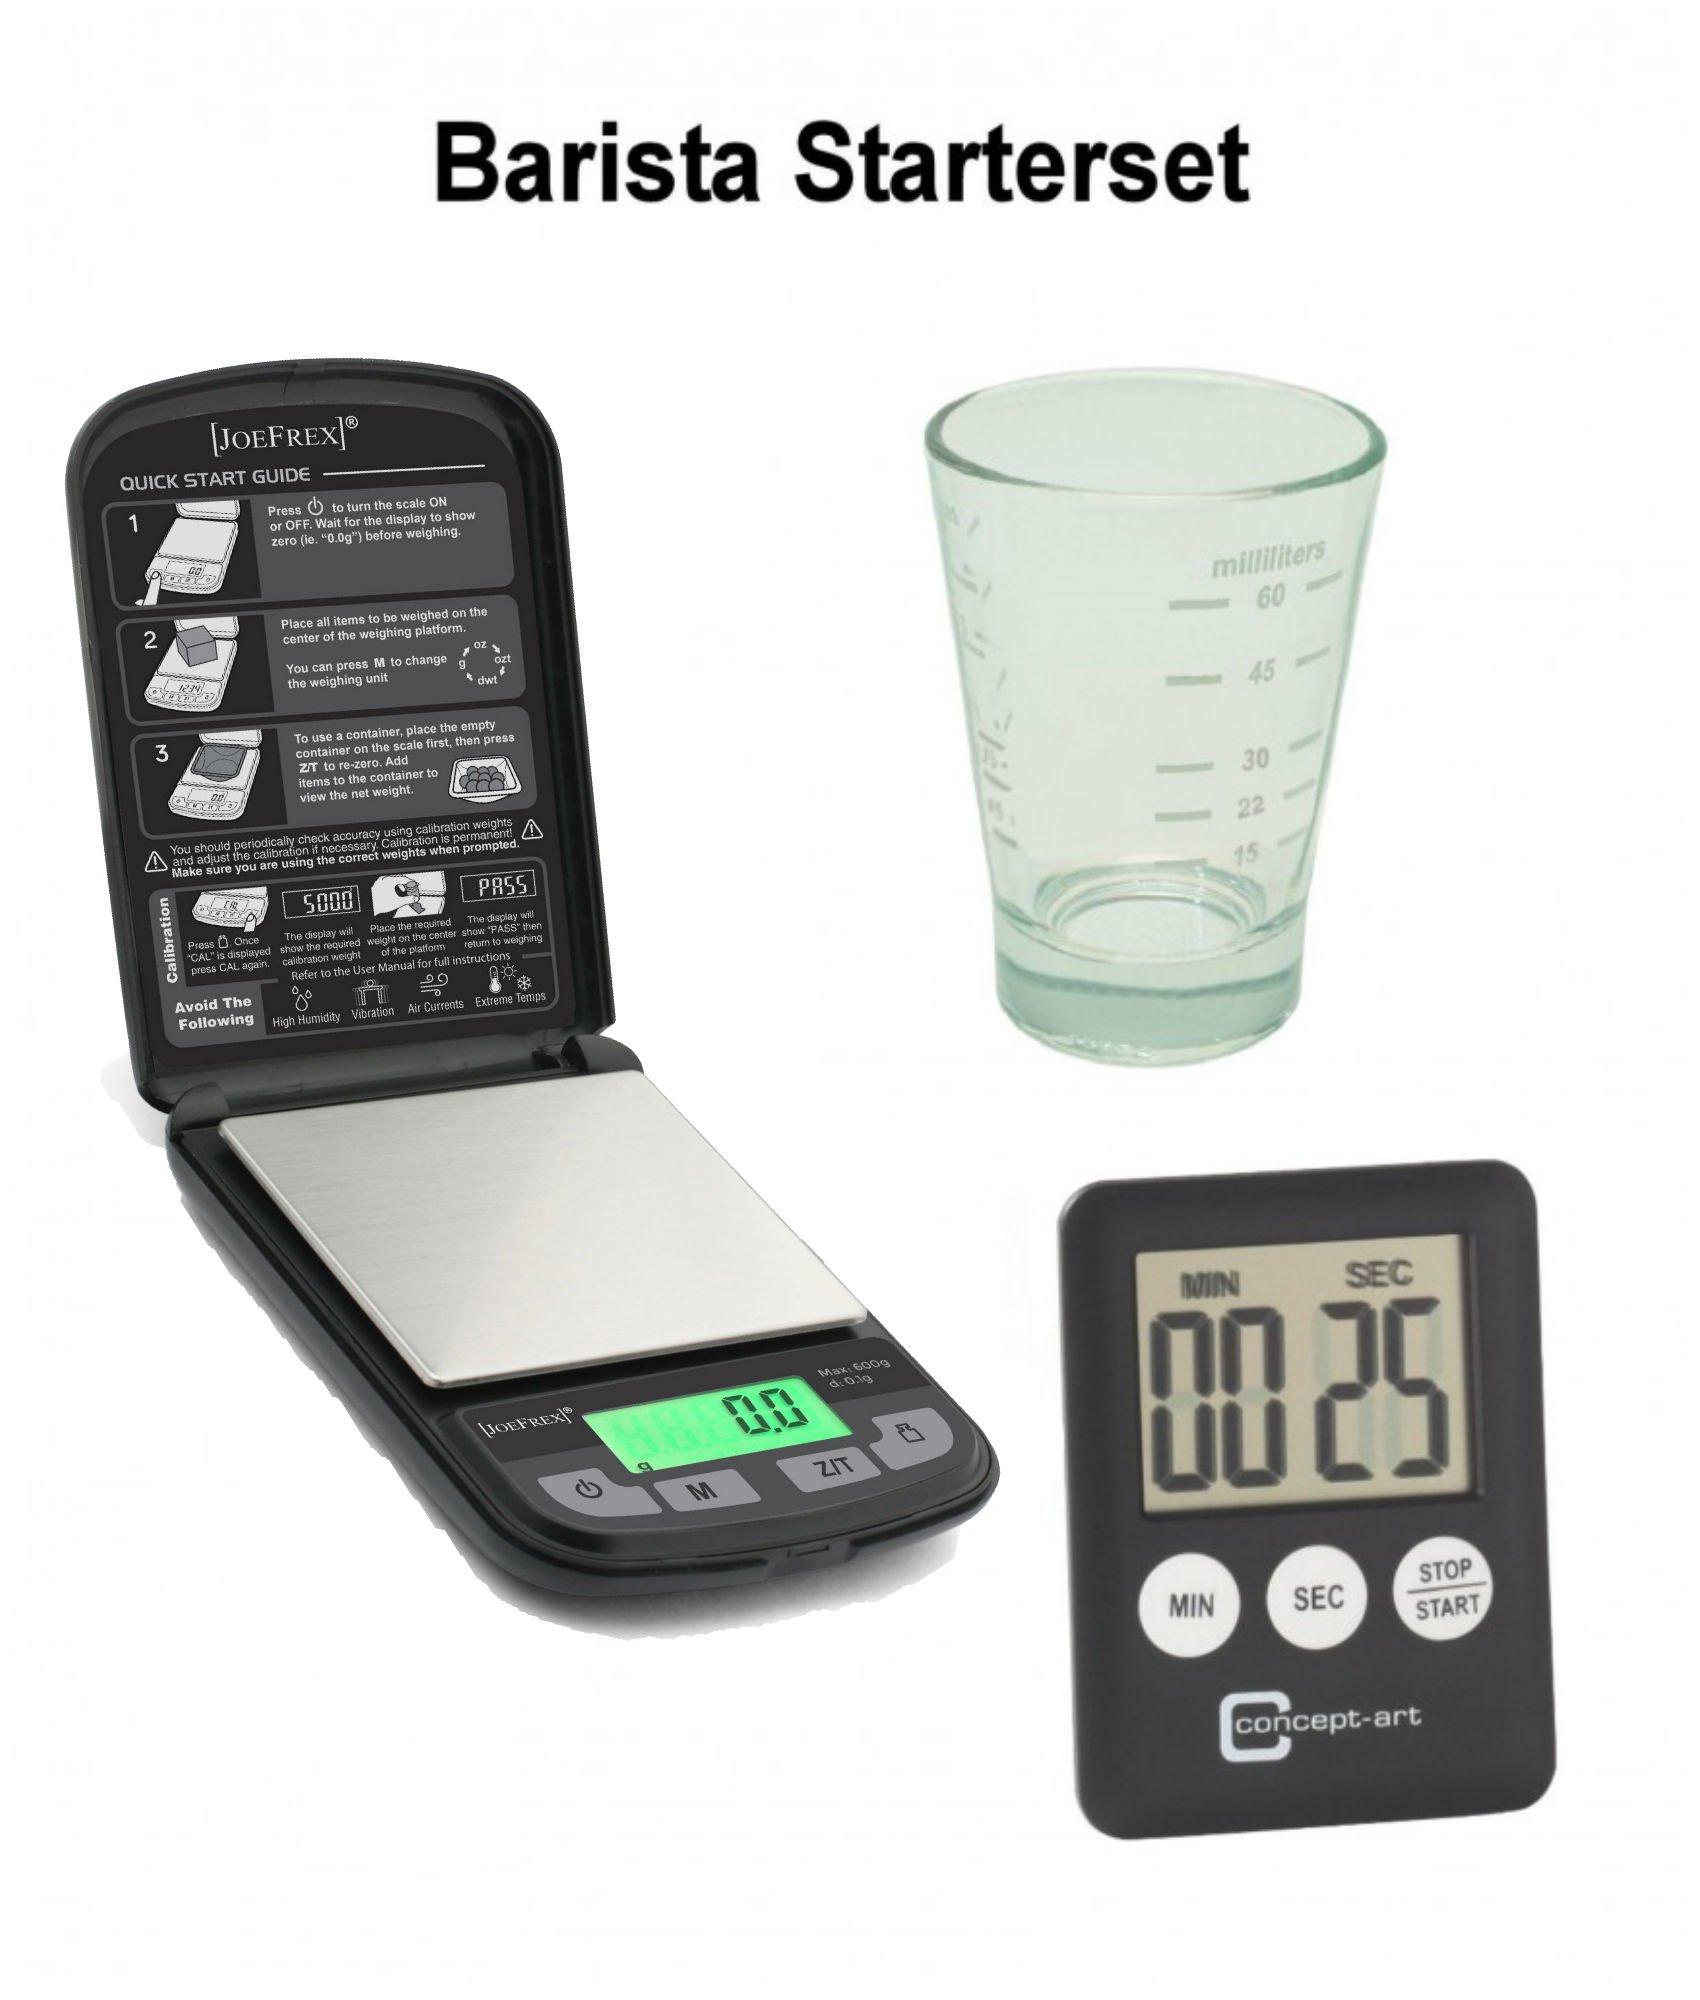 Barista Starterset - BENNETT SHOP